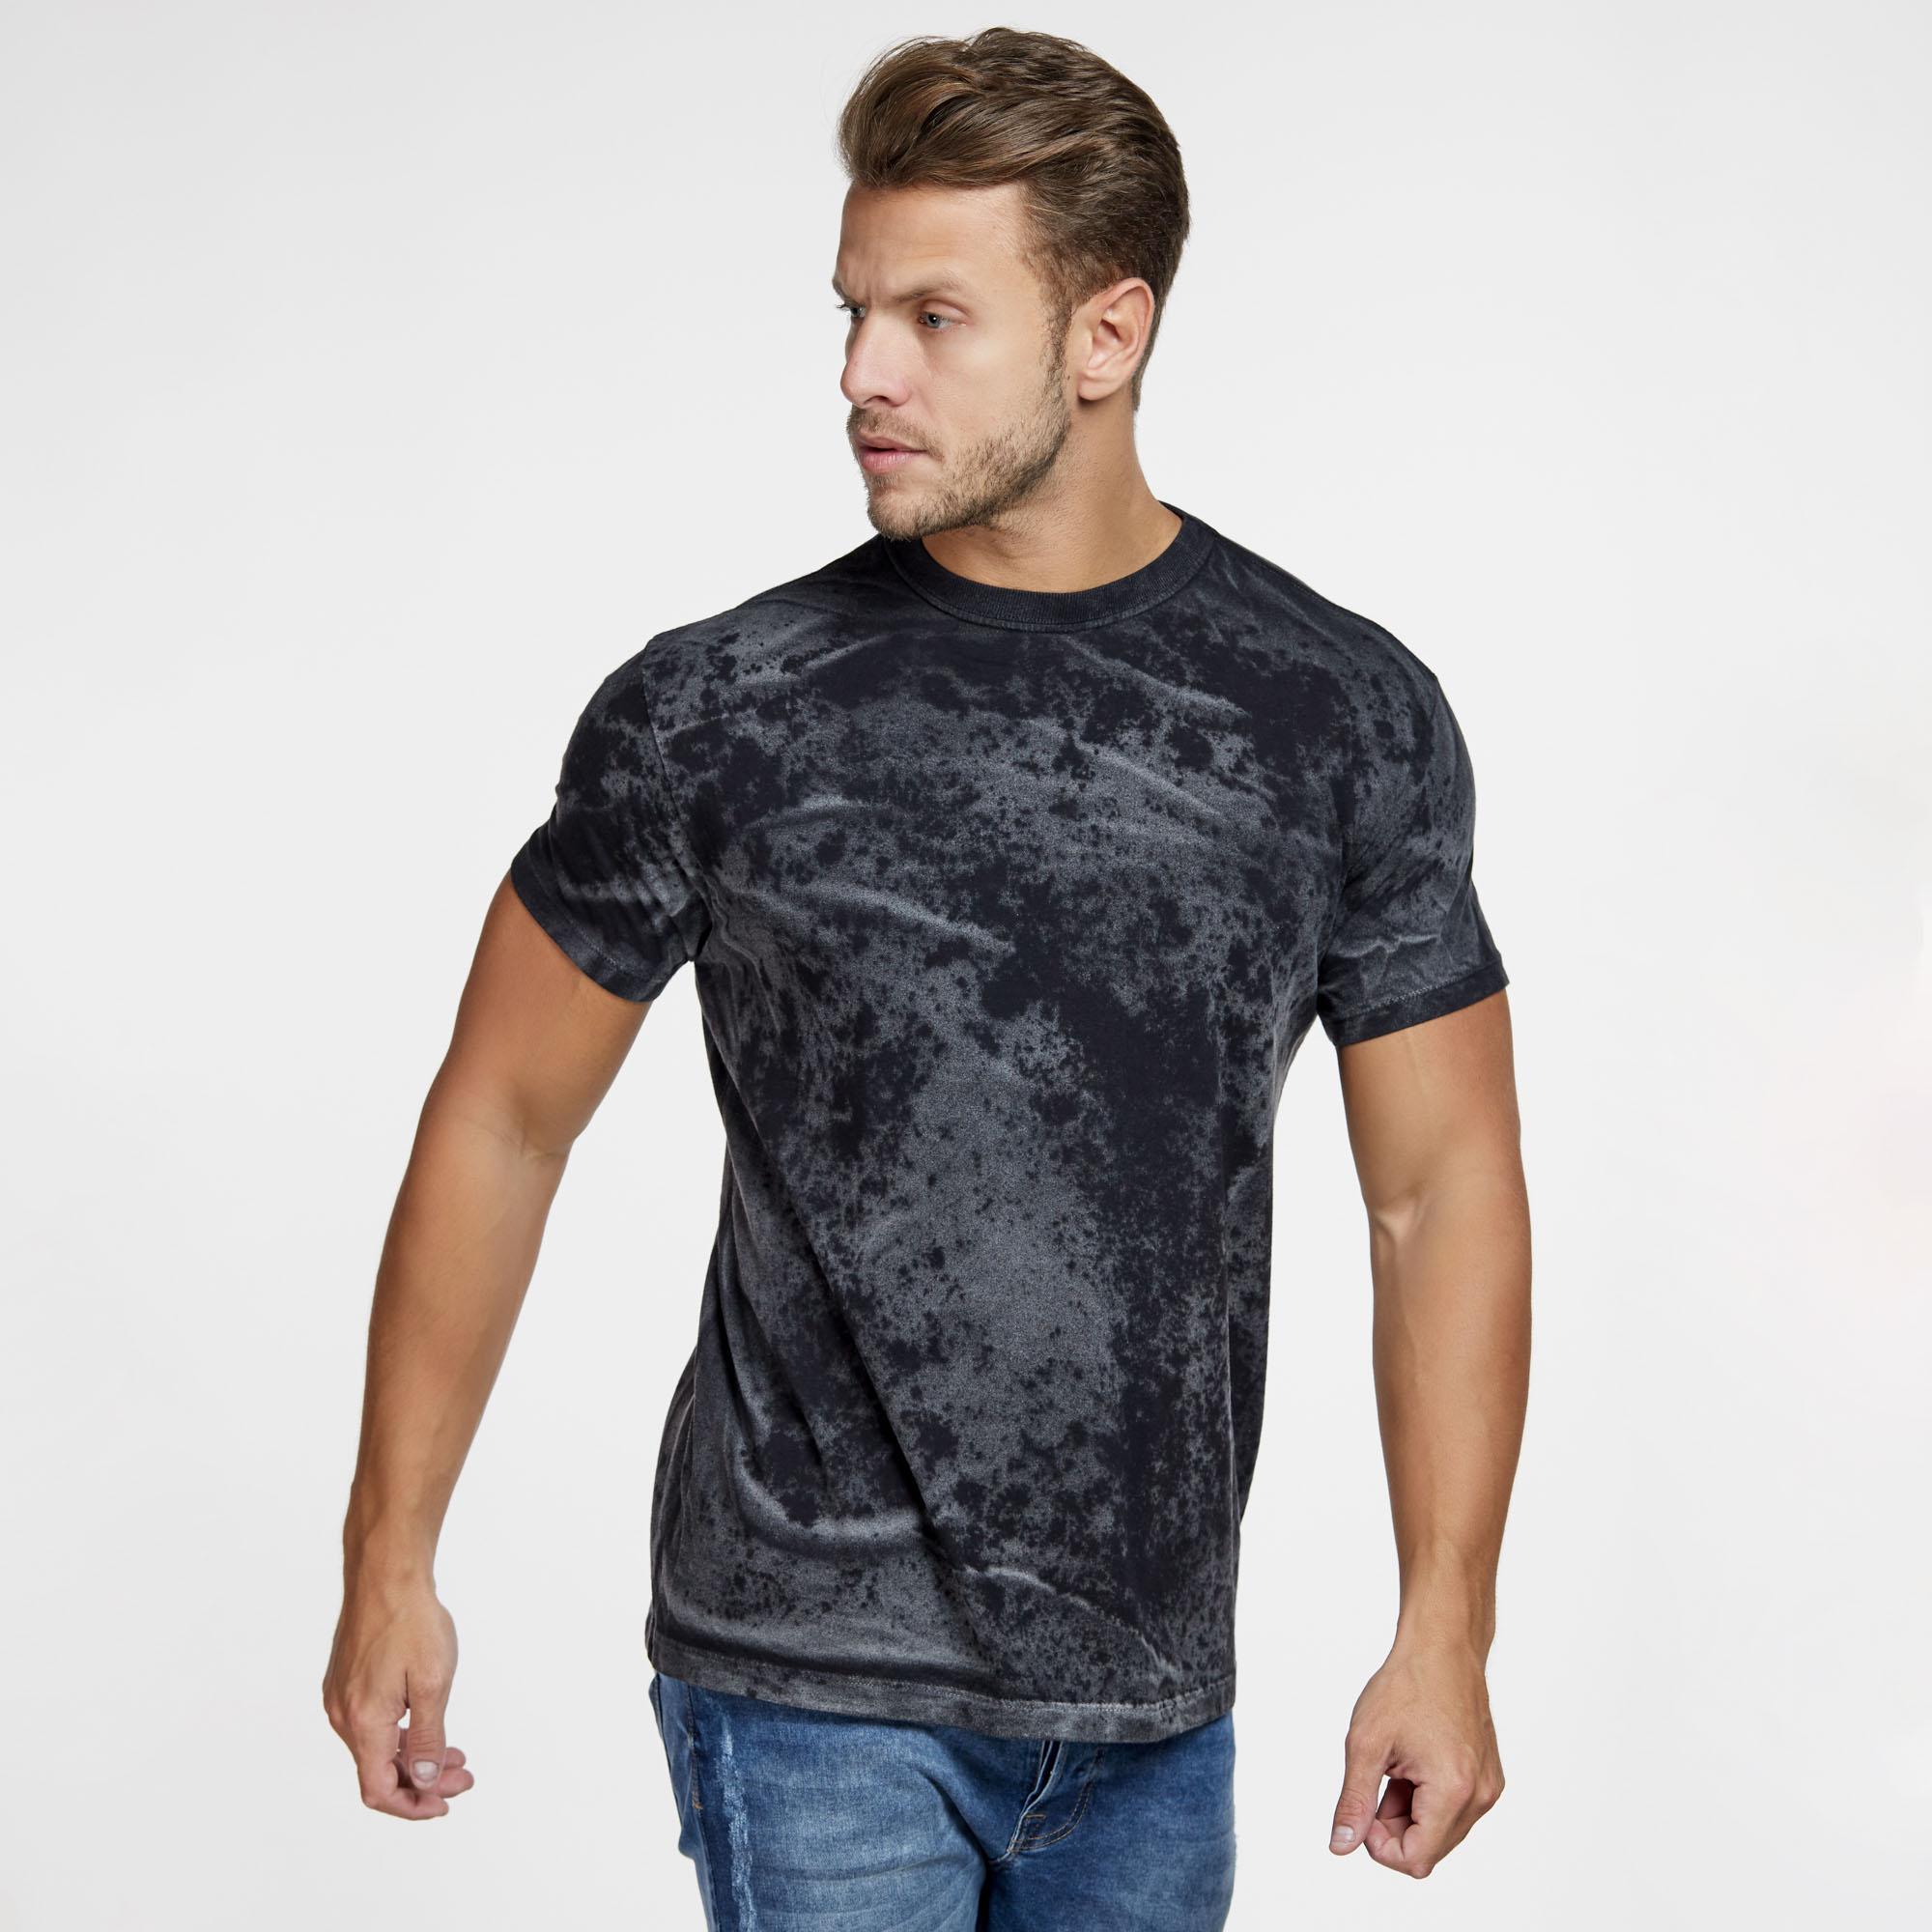 Camiseta Masculina Texturizada Preta